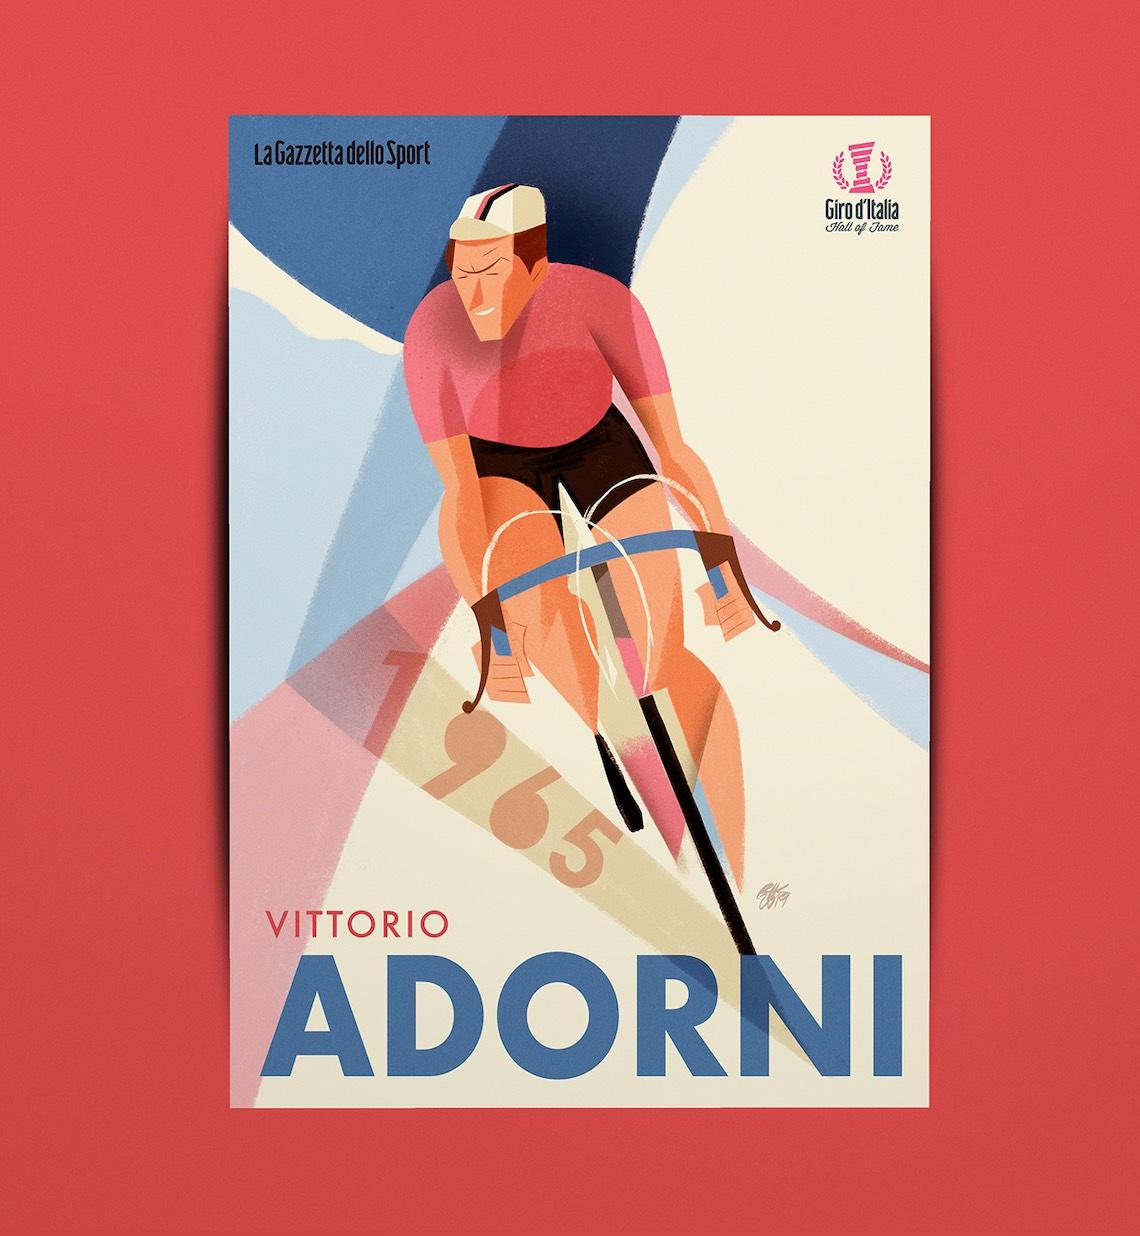 Giro d'Italia Hall of Fame_Riccardo_Guasco_Adorni